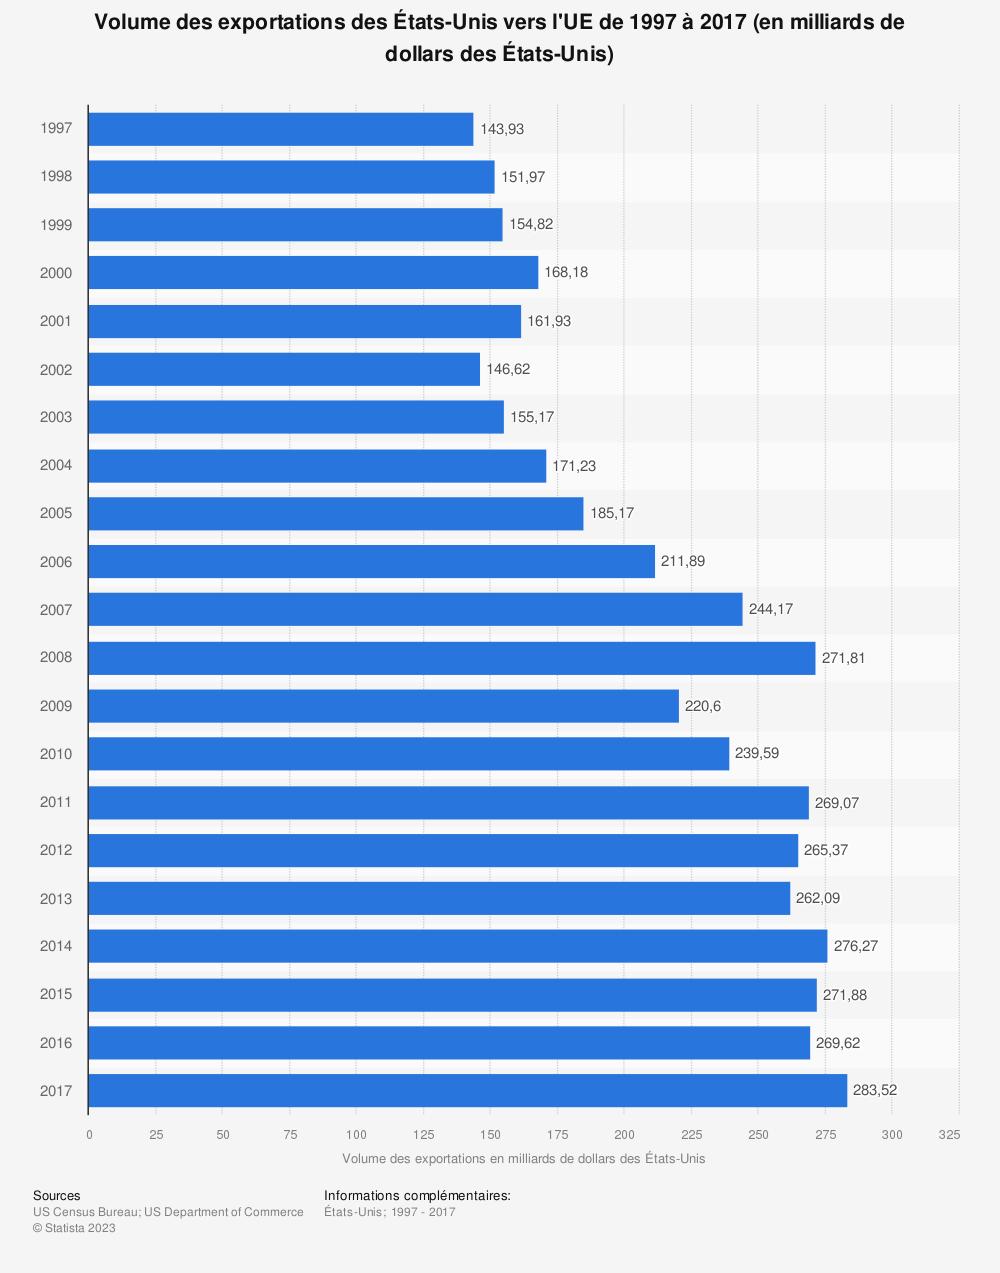 Statistique: Volume des exportations des États-Unis vers l'UE de 1997 à 2017 (en milliards de dollars des États-Unis) | Statista